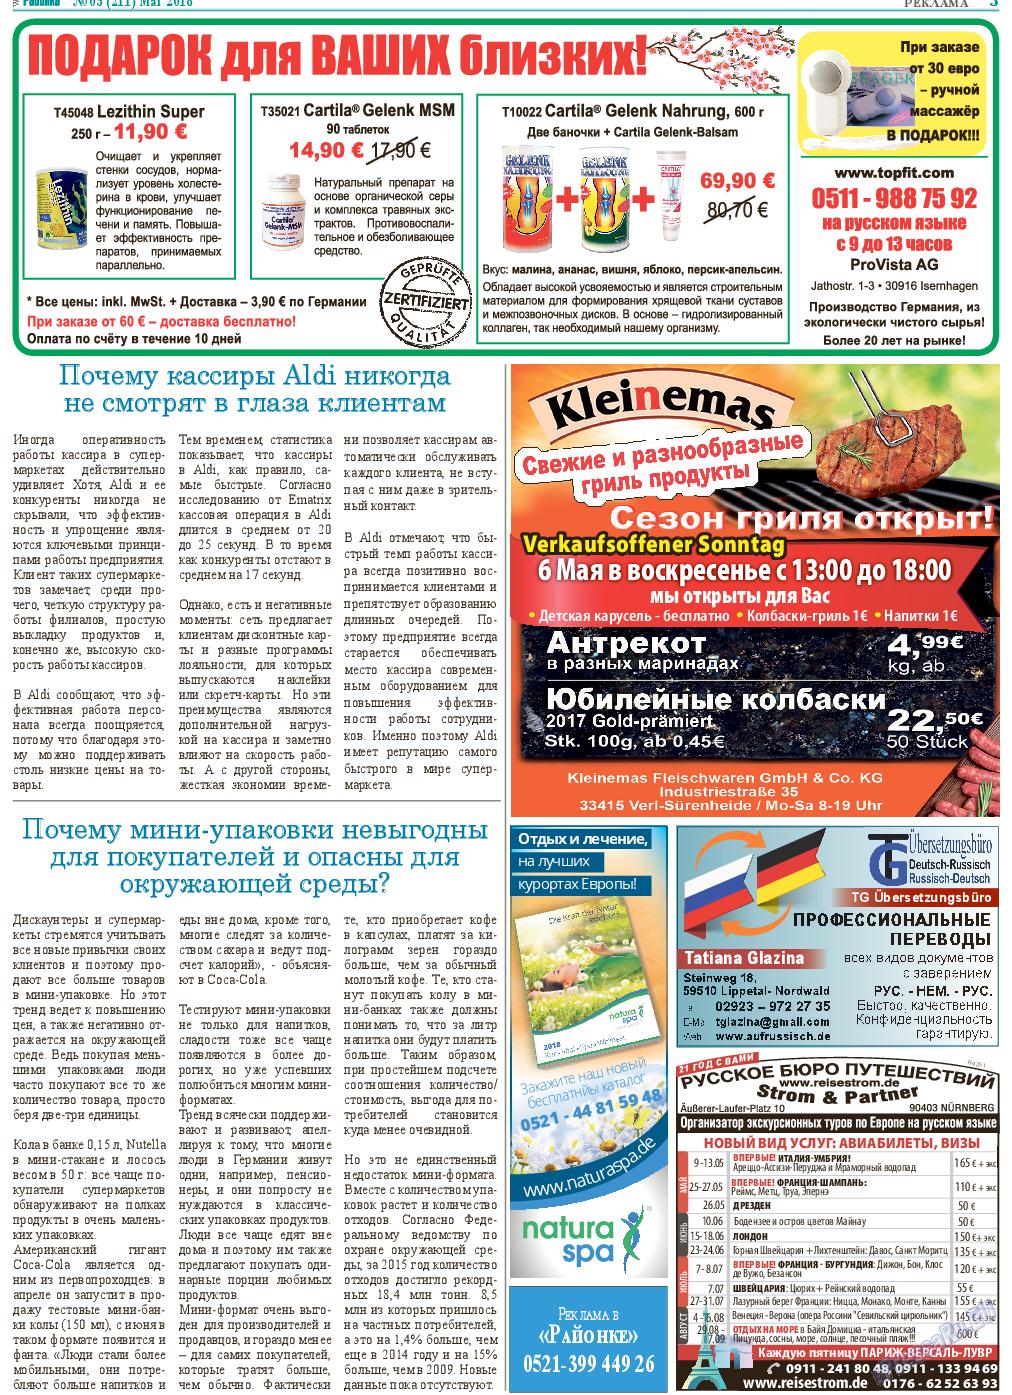 Районка-West (газета). 2018 год, номер 5, стр. 3